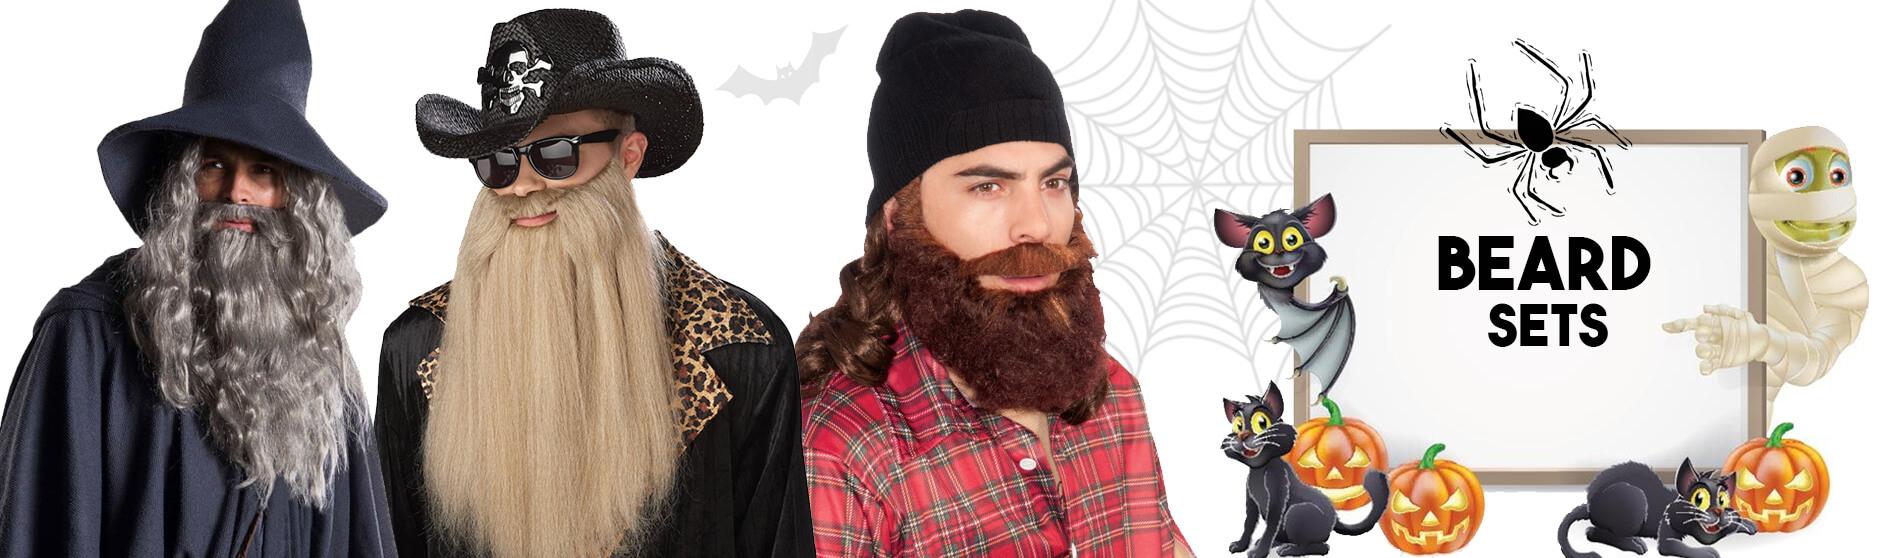 Beard-Sets